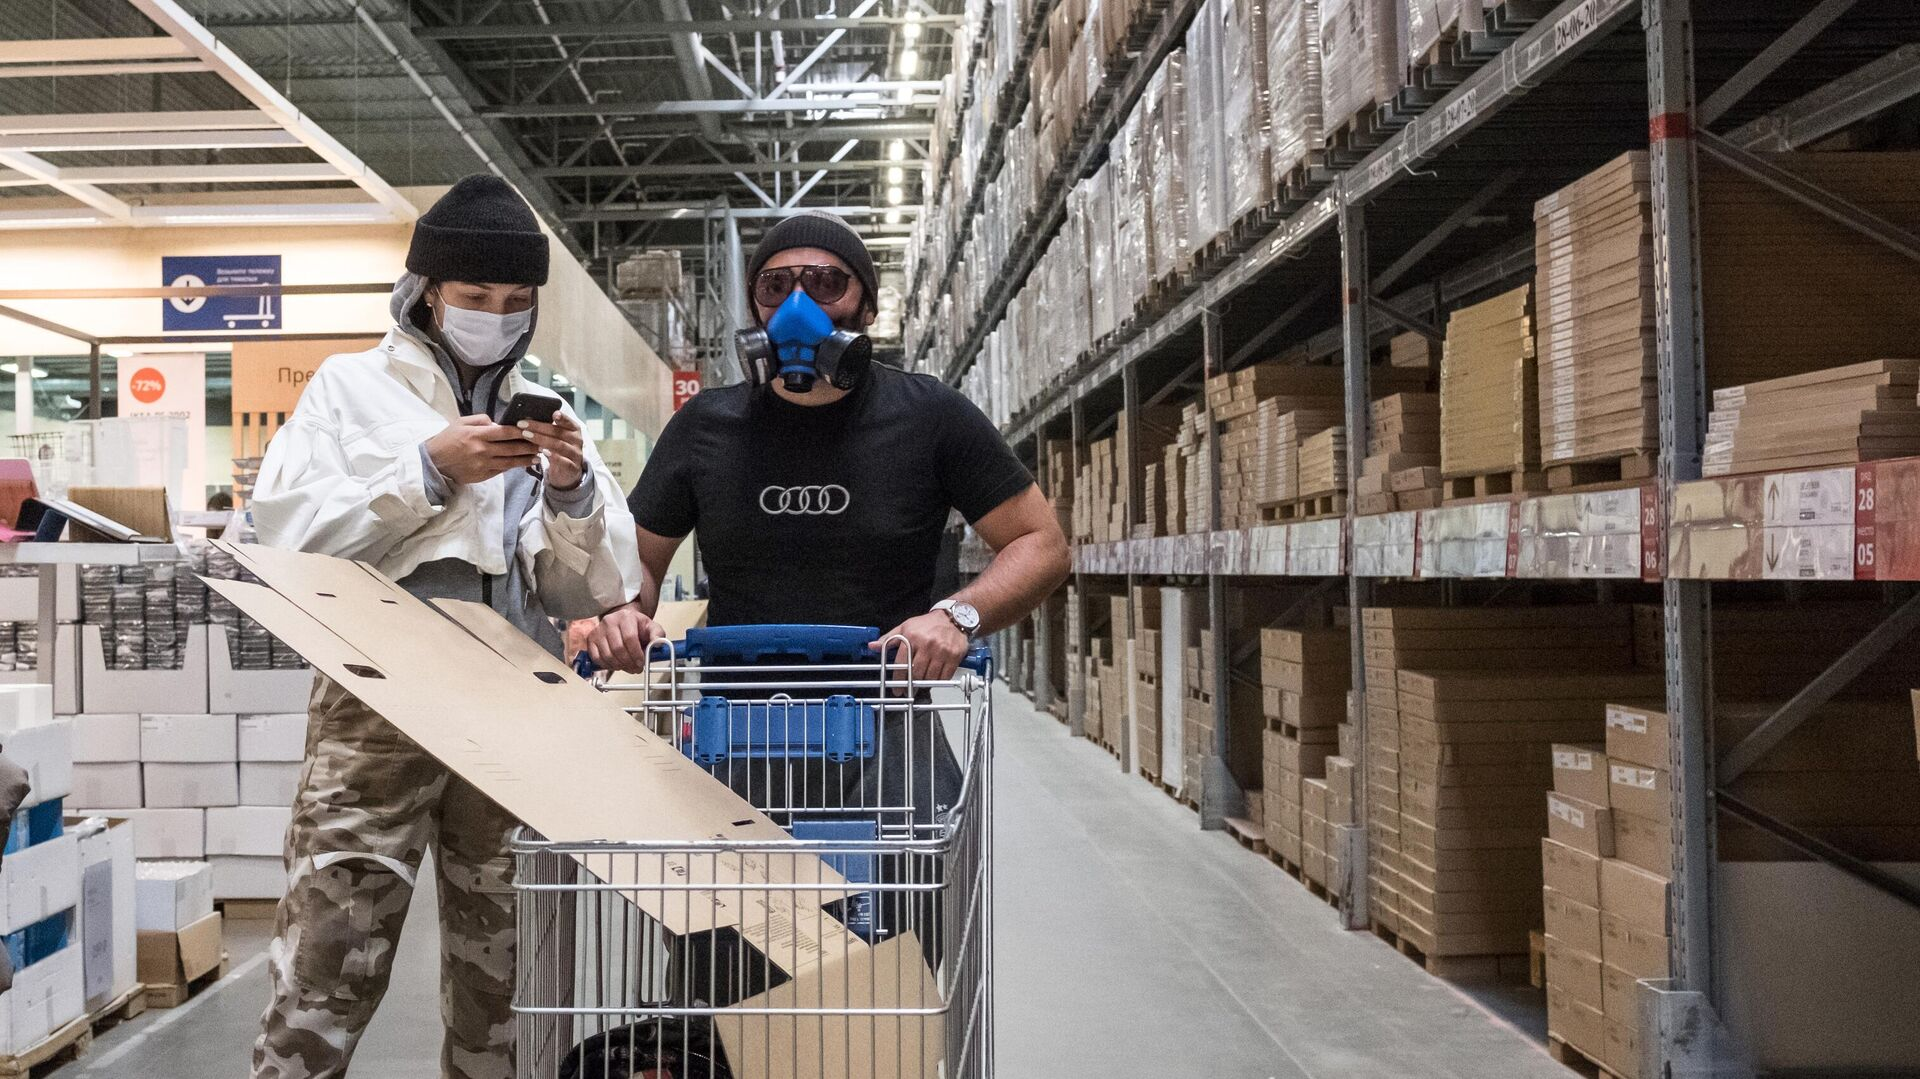 Покупатели в защитных масках в магазине IKEA - РИА Новости, 1920, 01.07.2021